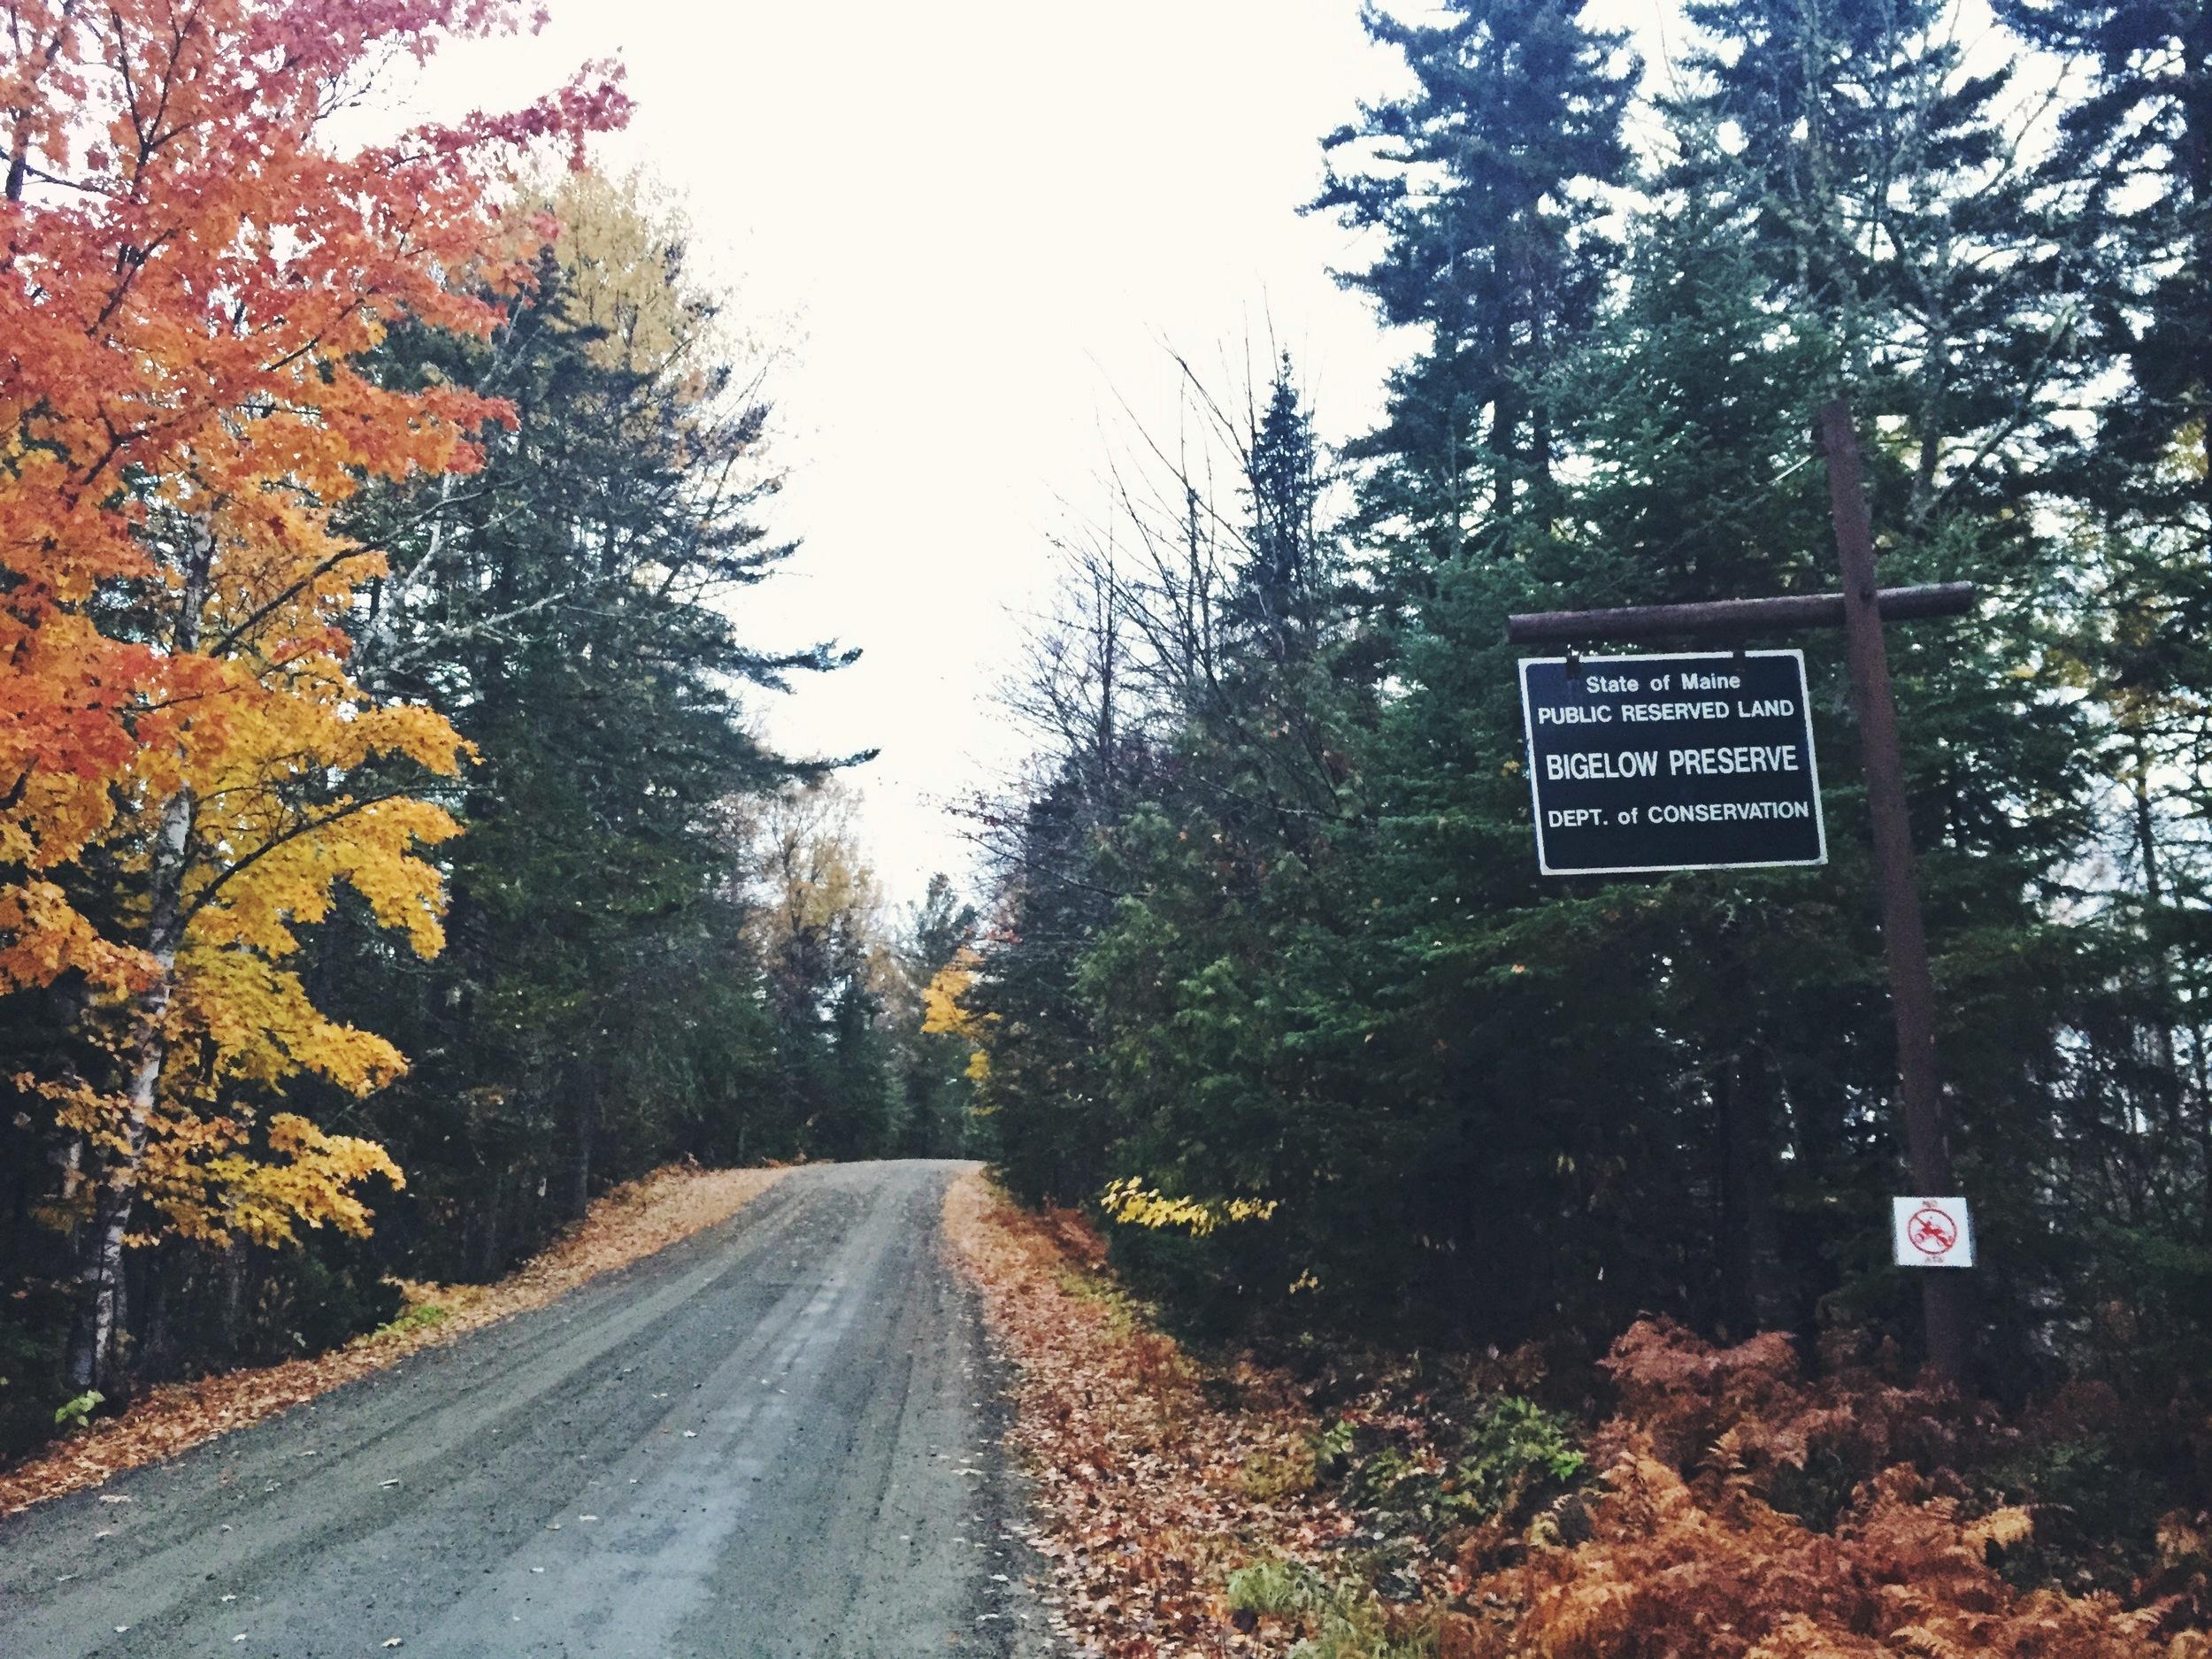 Bigelow Preserve, one of Maine's wildest gems.